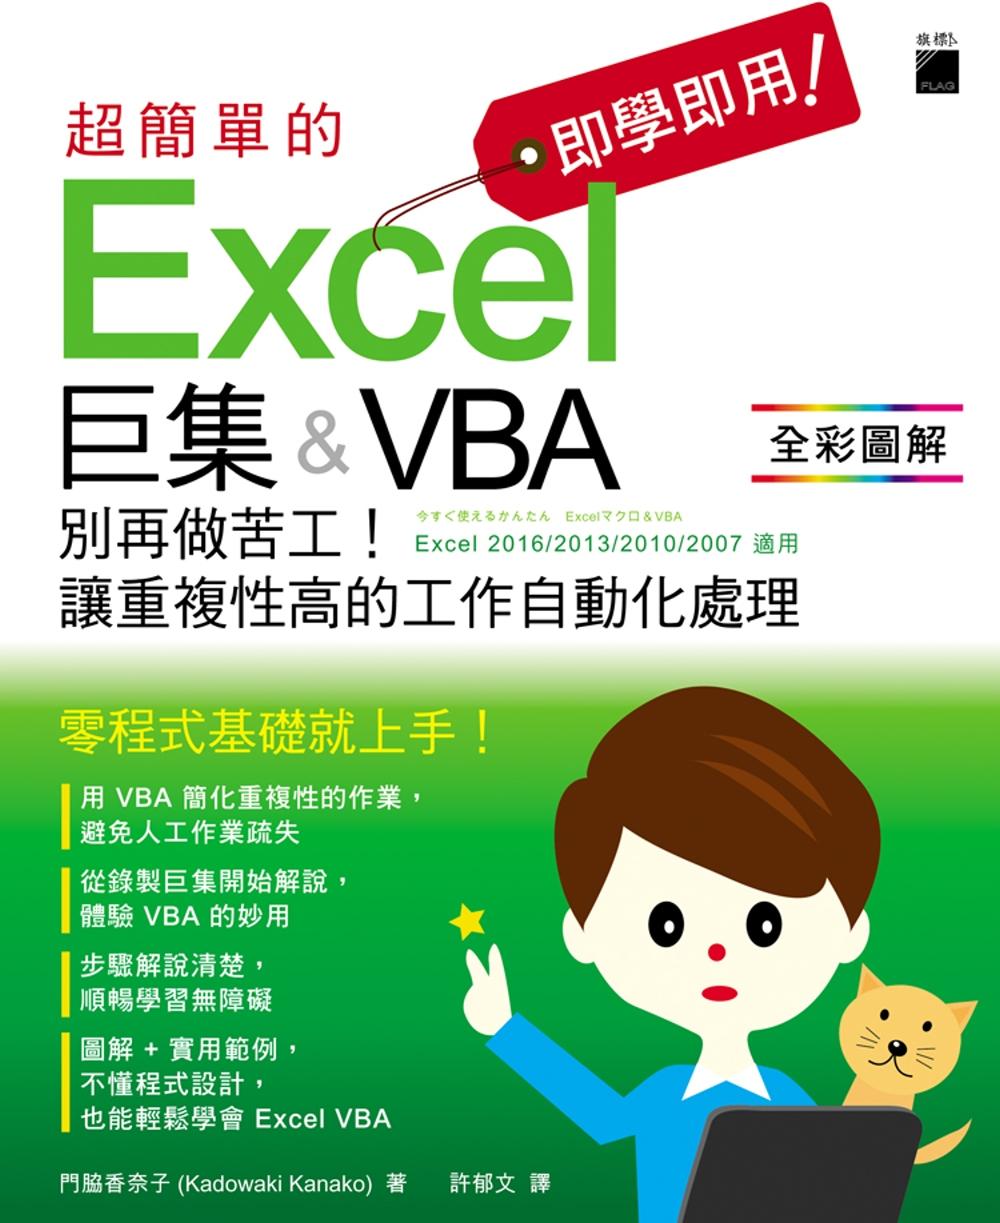 即學即用!超簡單的Excel巨集&VBA;:別再做苦工!讓重複性高的工作自動化處理